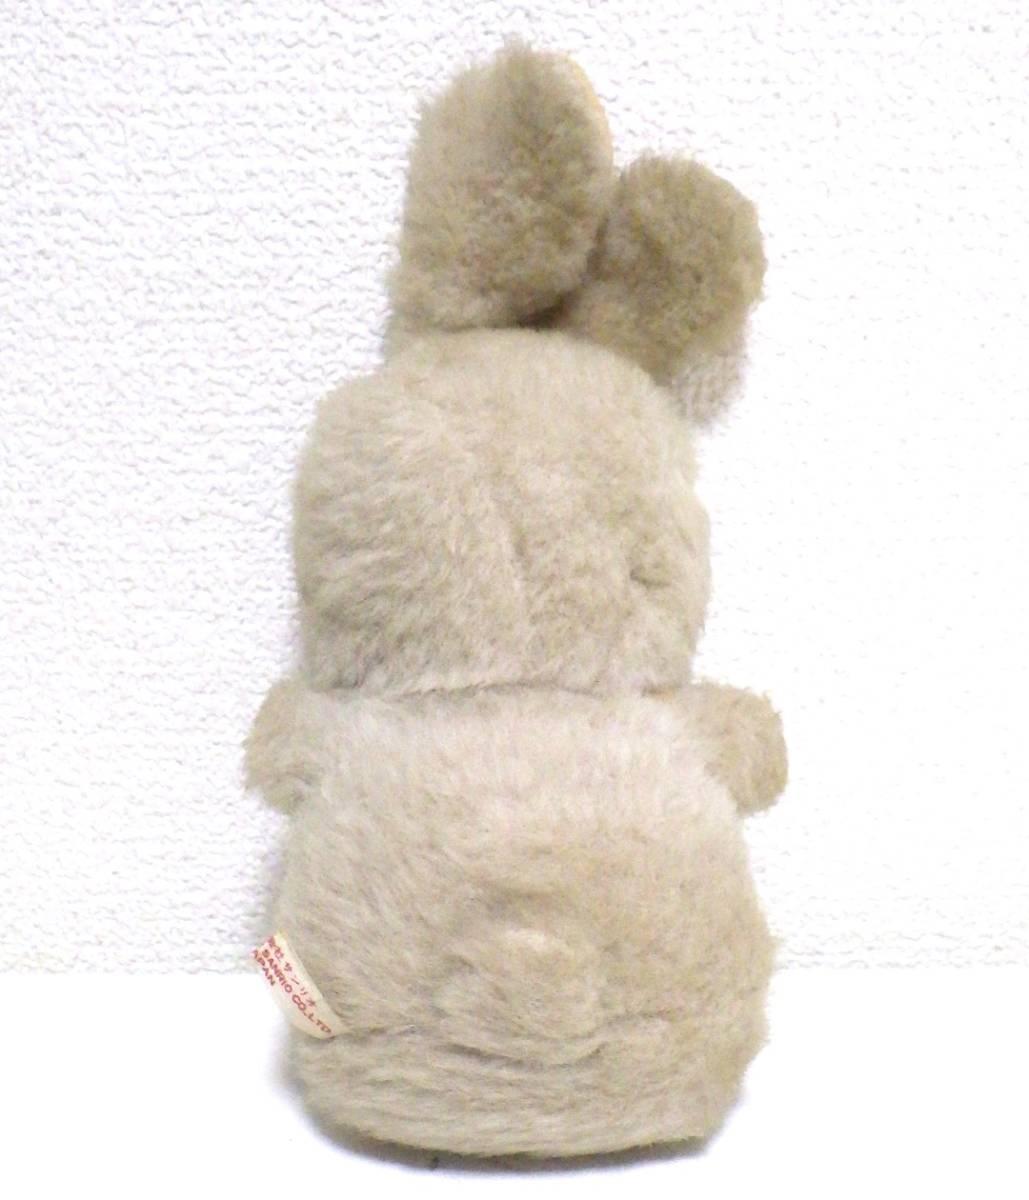 ☆レア☆希少☆サンリオ ウサギ うさぎ ぬいぐるみ 1982 昭和レトロ 日本製 当時物_画像4